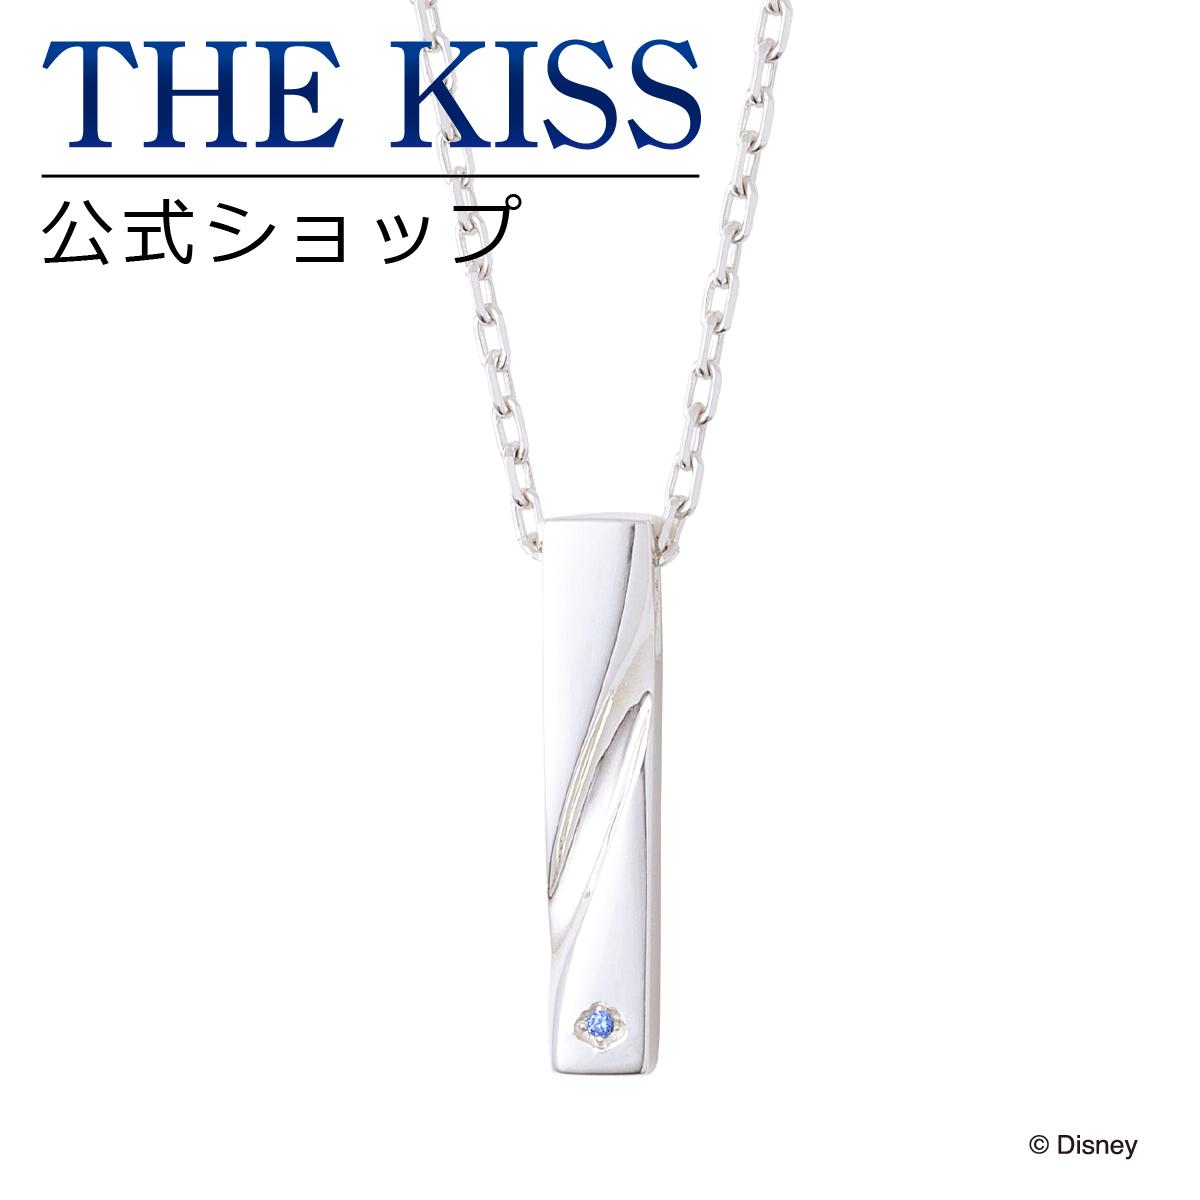 【あす楽対応】【ディズニーコレクション】 ディズニー / ネックレス / ディズニープリンセス アリエル / THE KISS ペア ネックレス・ペンダント シルバー (メンズ 単品) DI-SN6028CB ザキス 【送料無料】